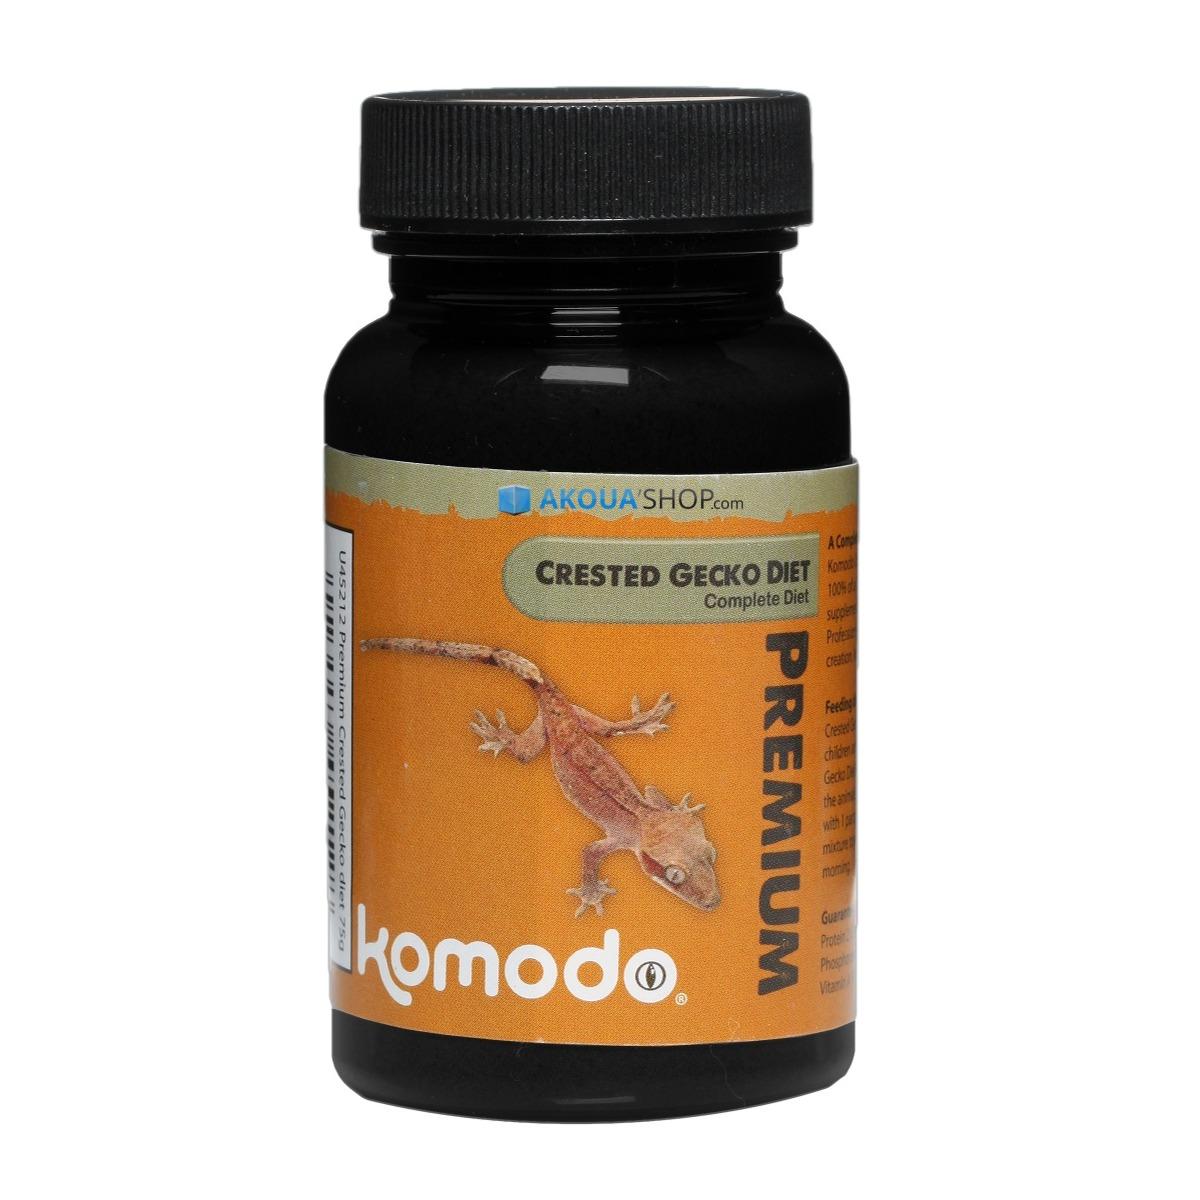 KOMODO Premium Crested Gecko 75 gr. complément alimentaire pour Gecko à crête à saupoudrer sur la nourriture